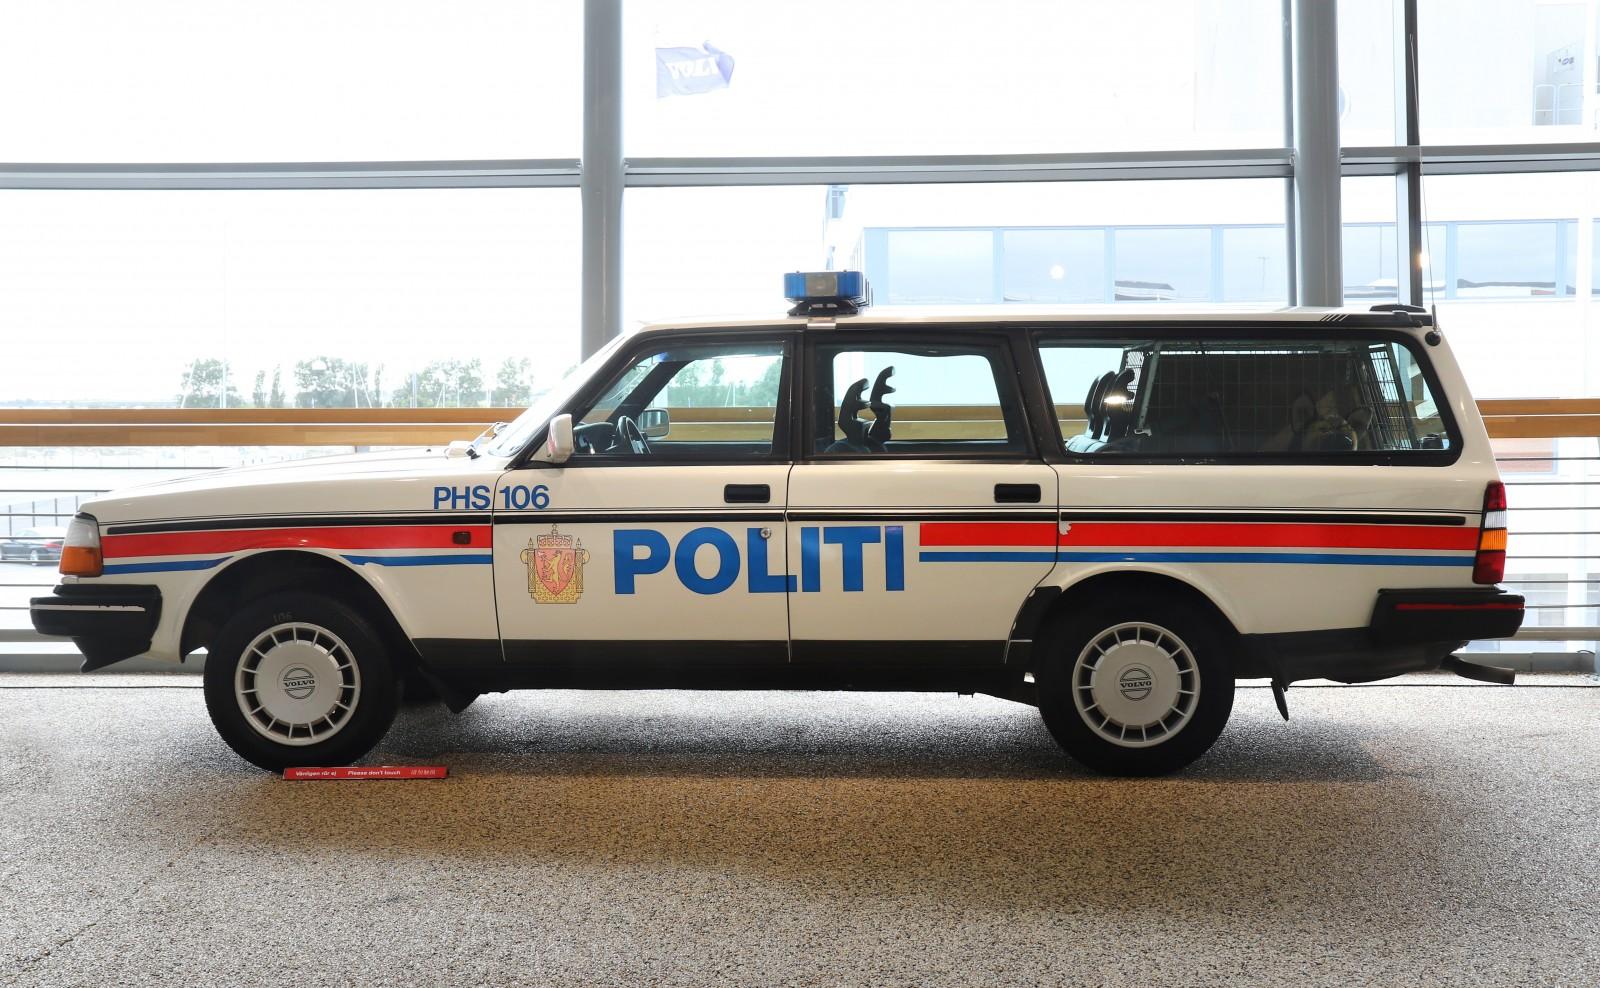 Två polisbilar ställdes ut på utställningen och båda är faktiskt hundpatrullbilar. Det var dels en 240 från polismuseet men också den här norska polisbilen.